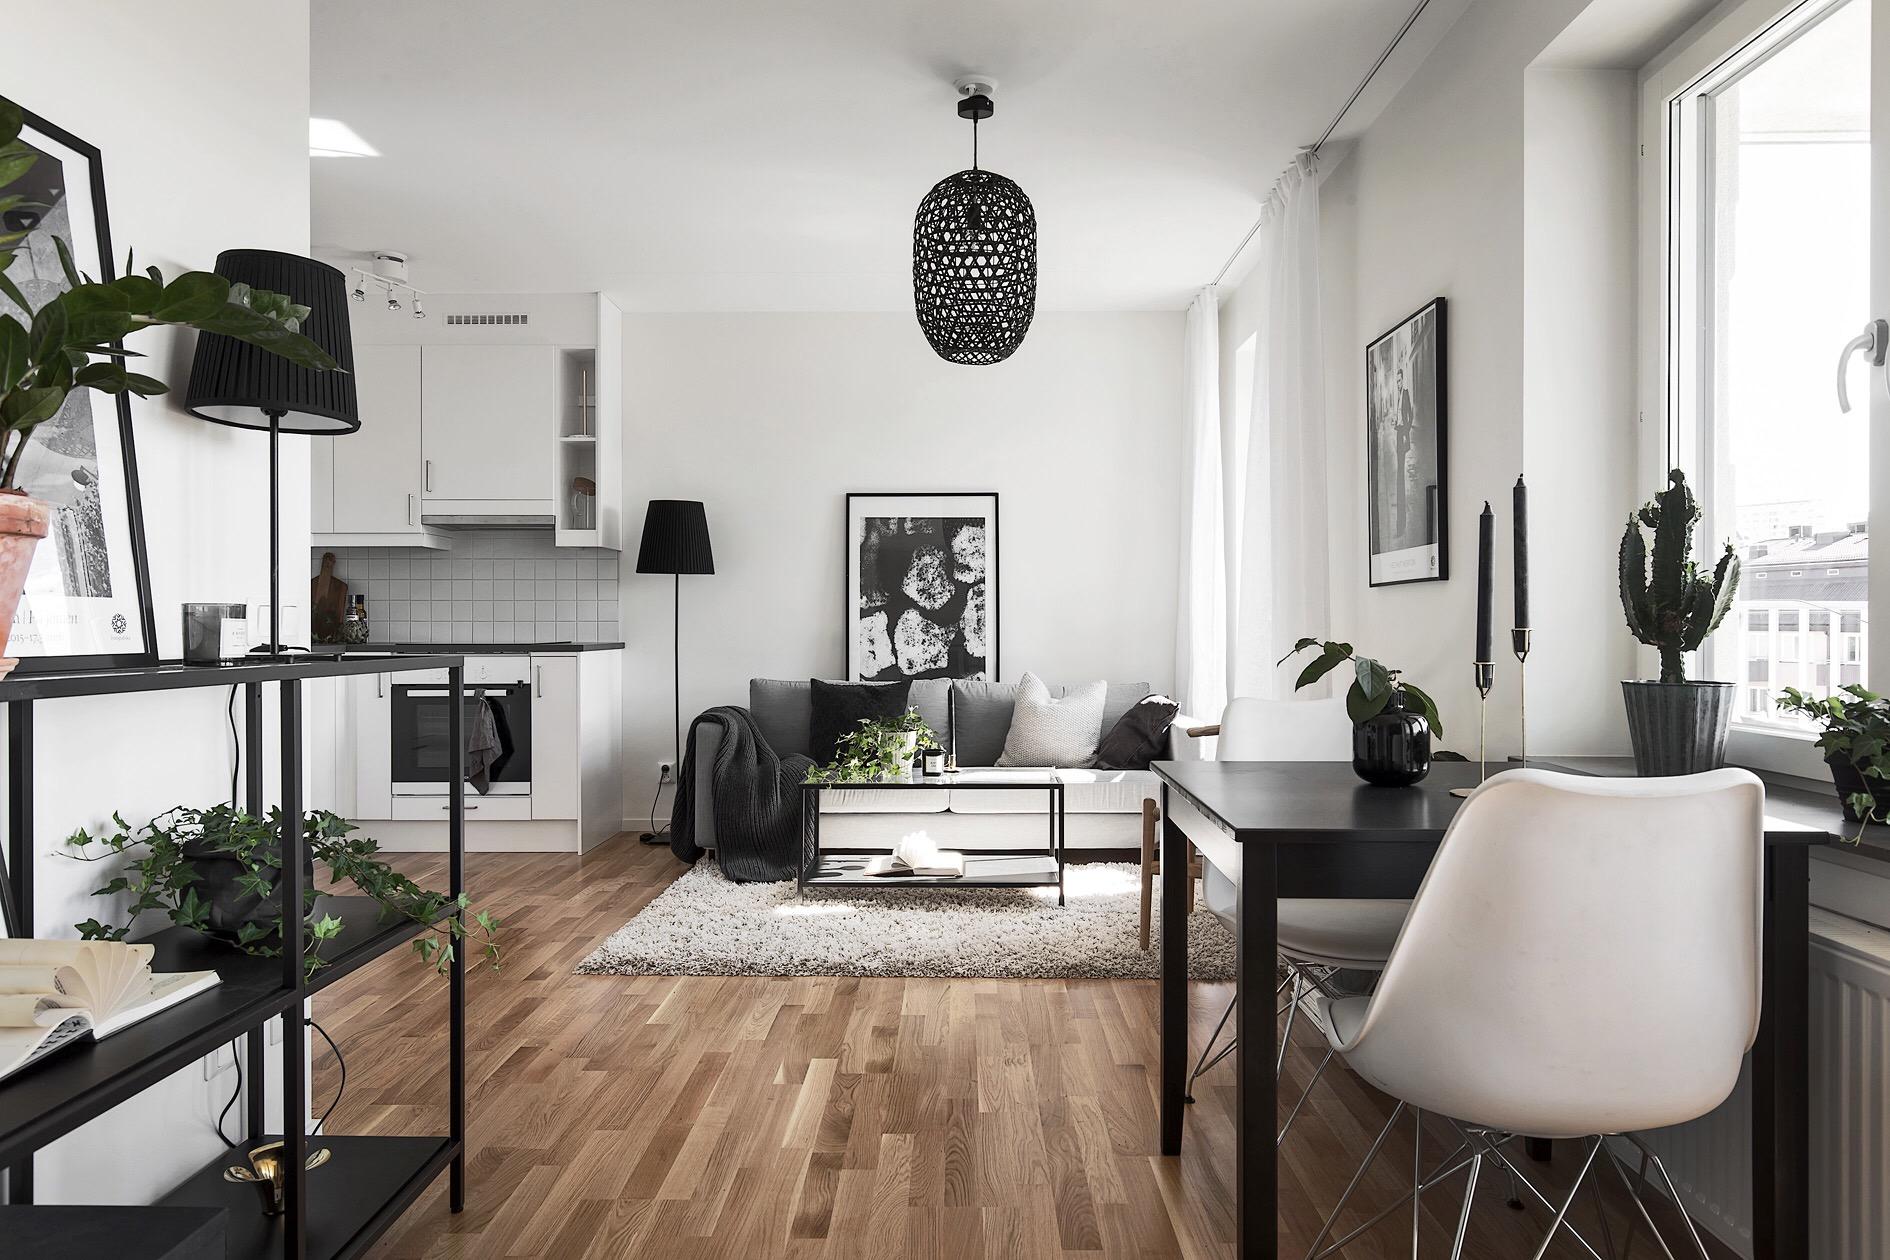 гостиная кухня диван столик подвесная лампа